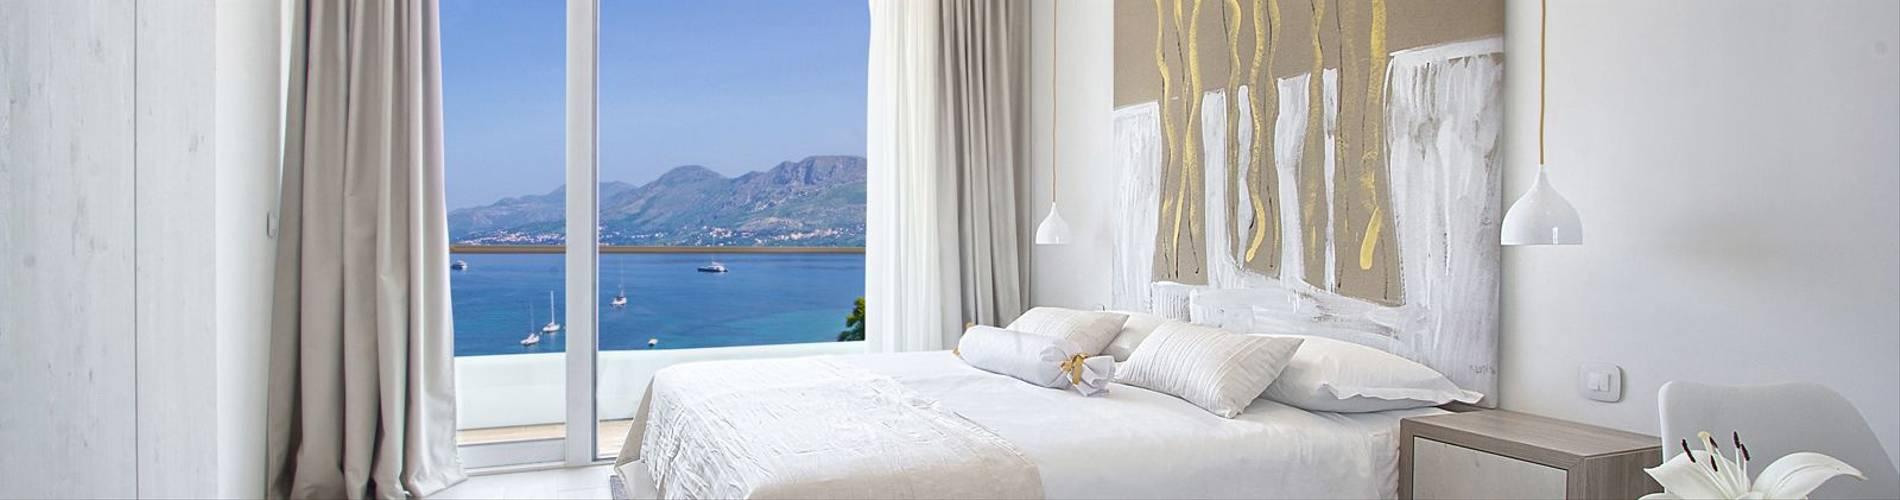 hotel_cavtat42.jpg